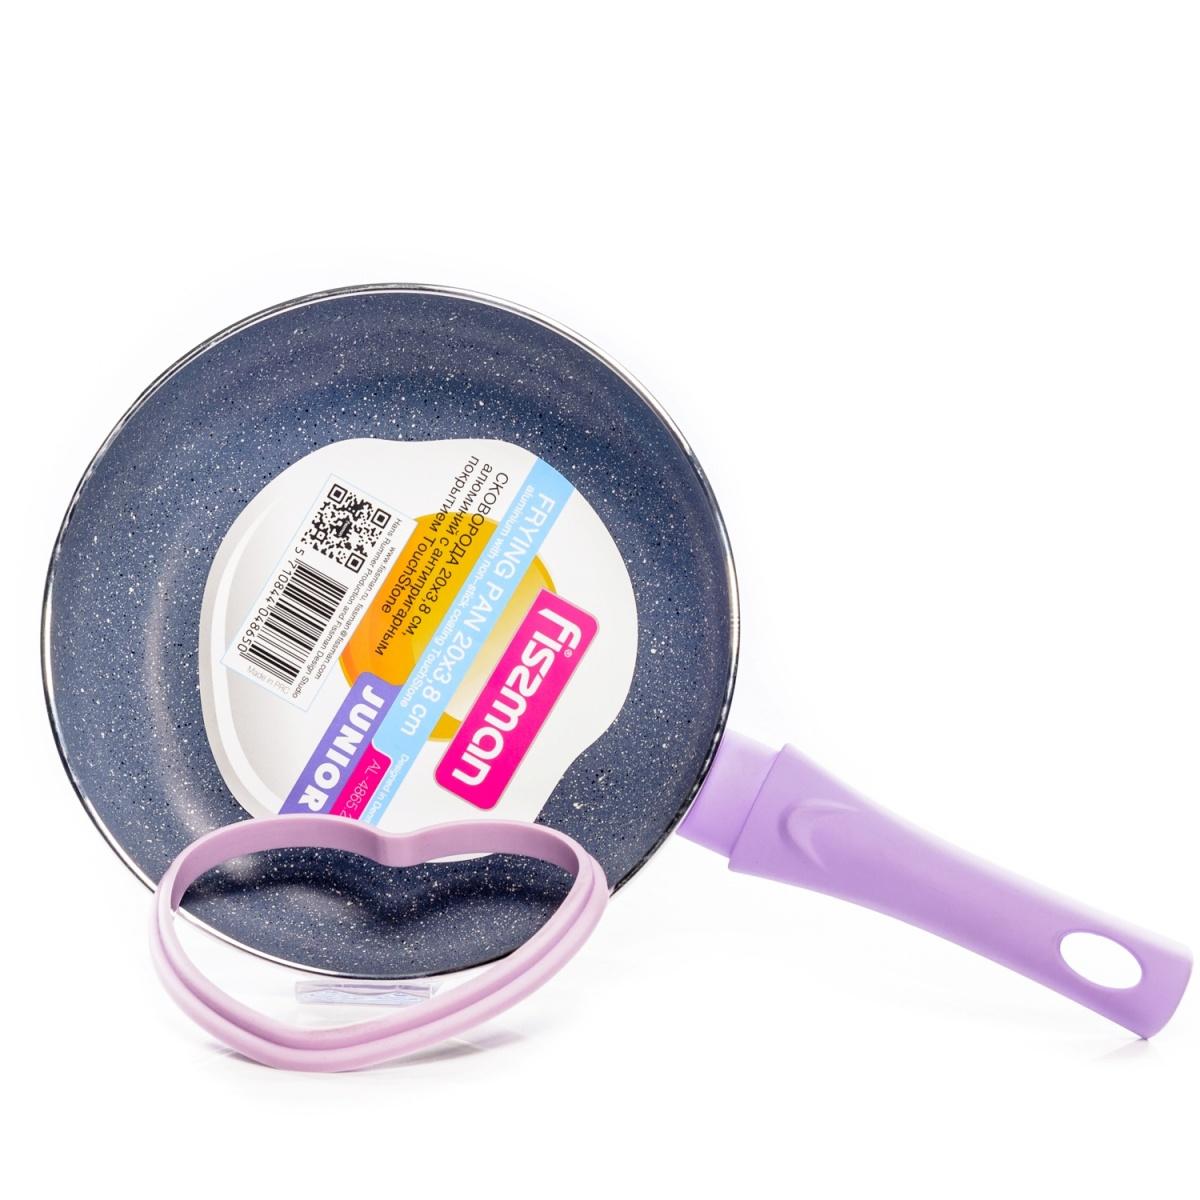 Сковорода Fissman Junior, с антипригарным покрытием. Диаметр 20 см + формочка для яичницыAL-4865.20_сиреневыйСковорода Fissman Junior, с антипригарным покрытием. Диаметр 20 см + формочка для яичницы